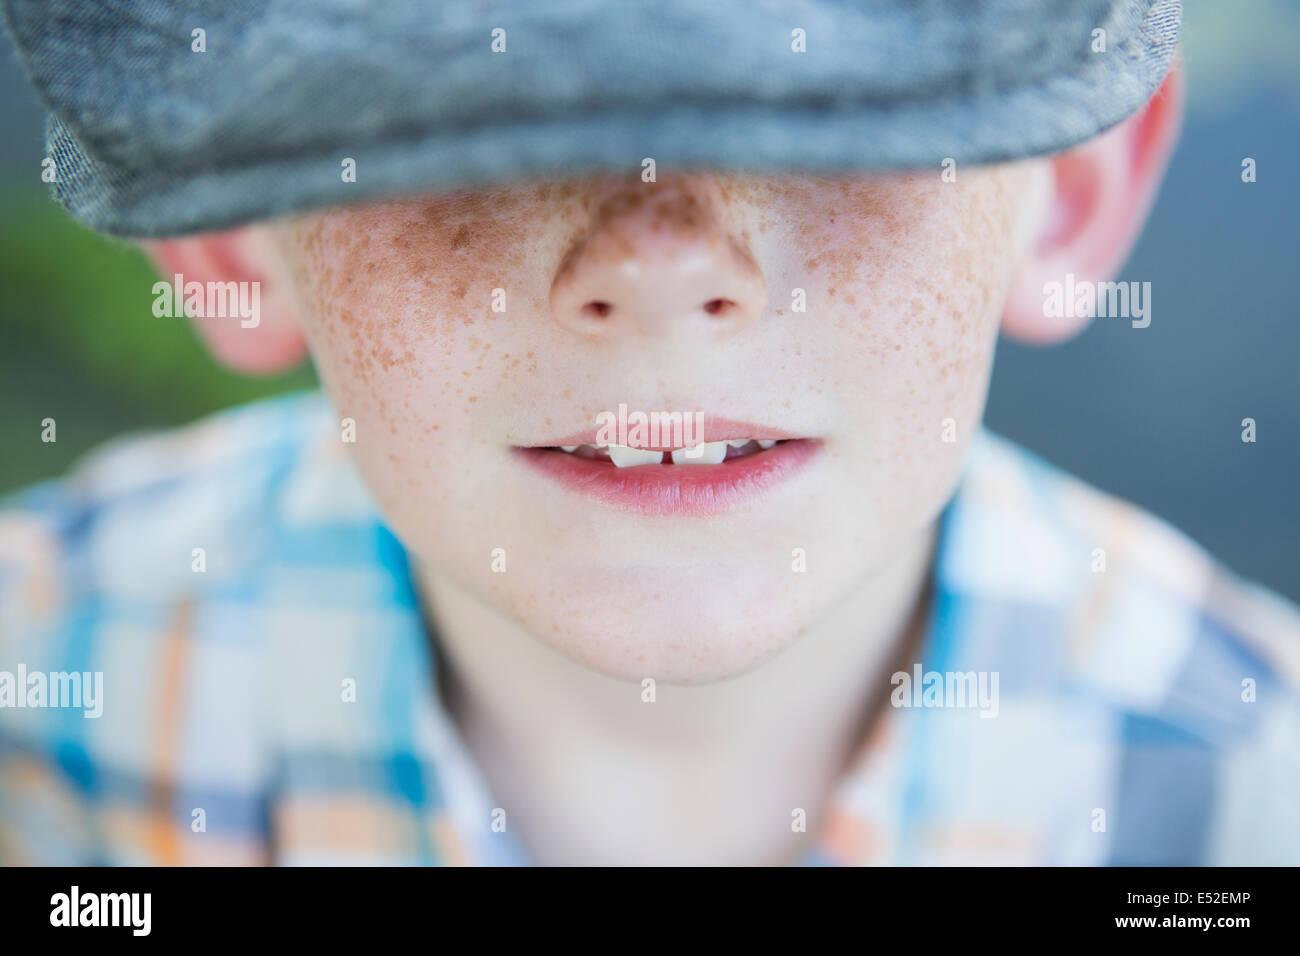 Un jeune garçon avec un nez de rousseur, portant un chapeau avec un large bord. Photo Stock